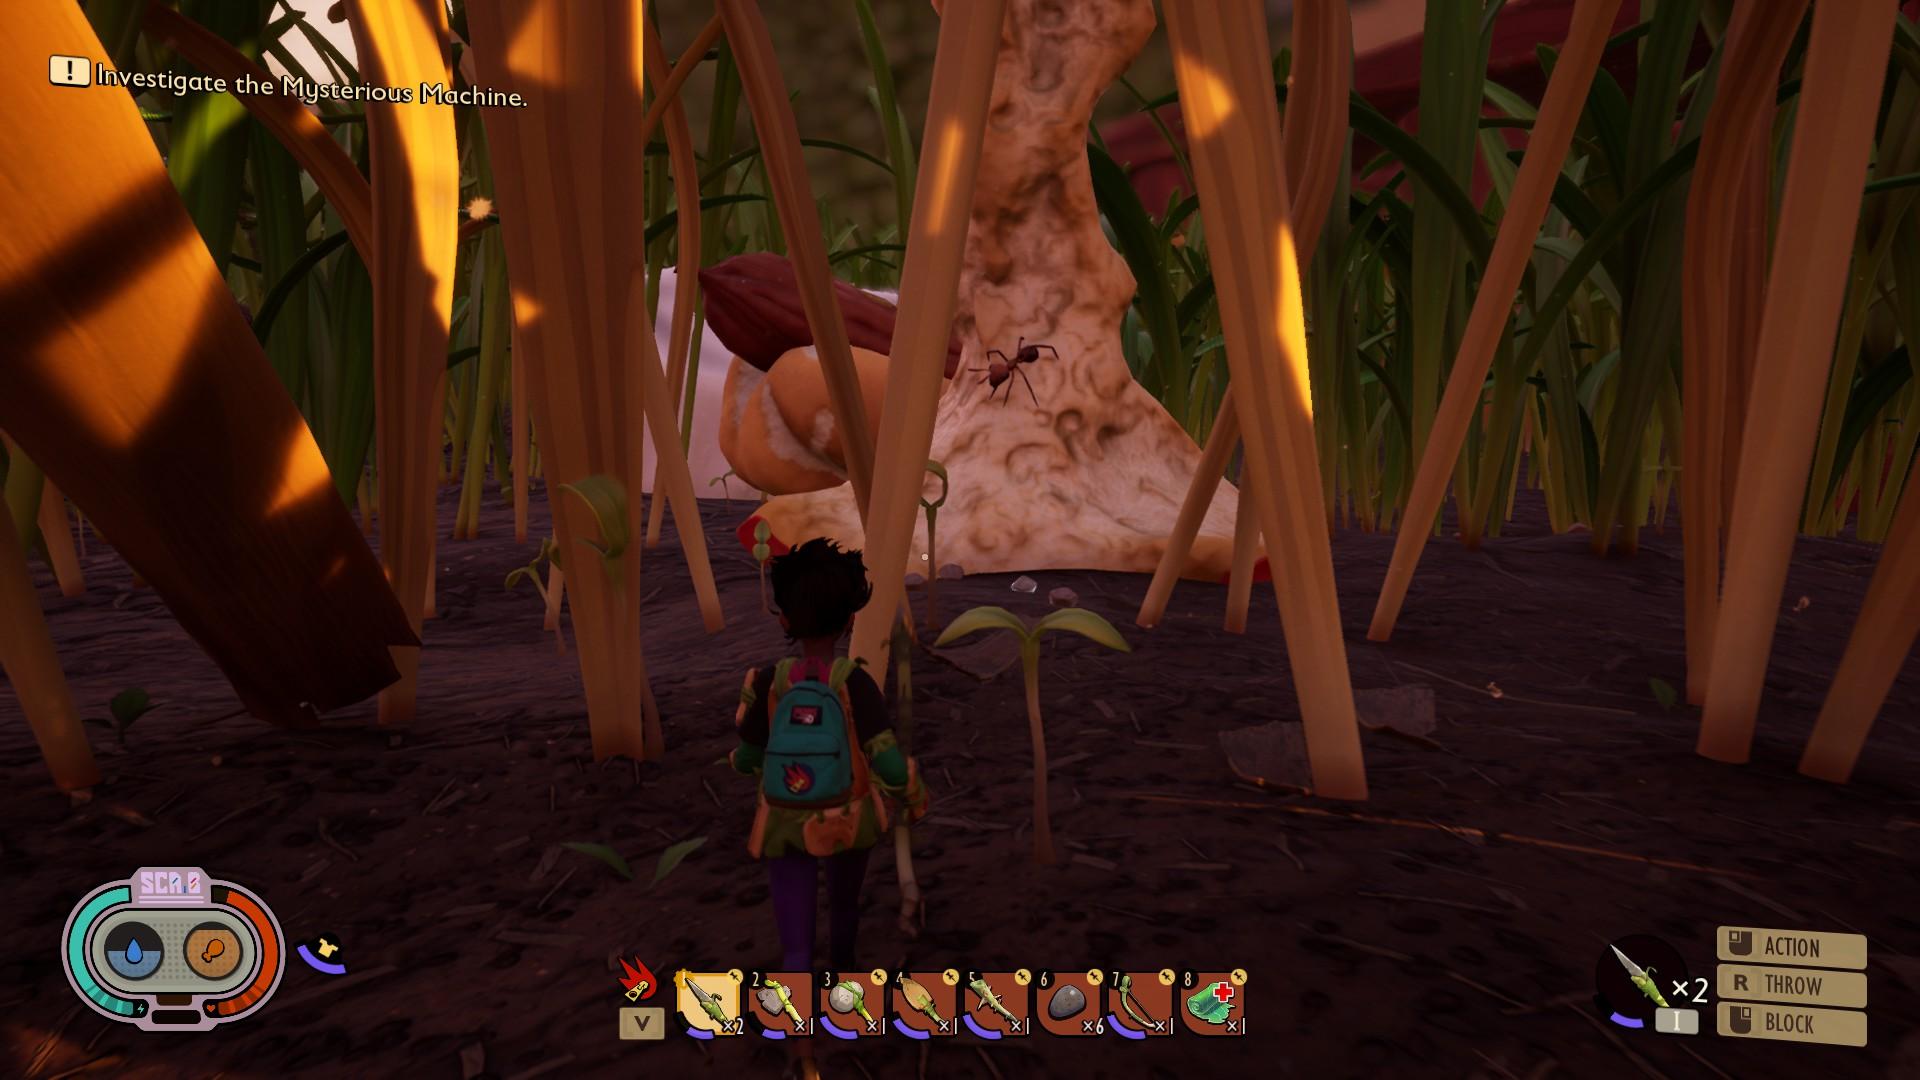 Vista por encima del hombro del jugador en un césped, viendo una hormiga gatear sobre un corazón de manzana abandonado.